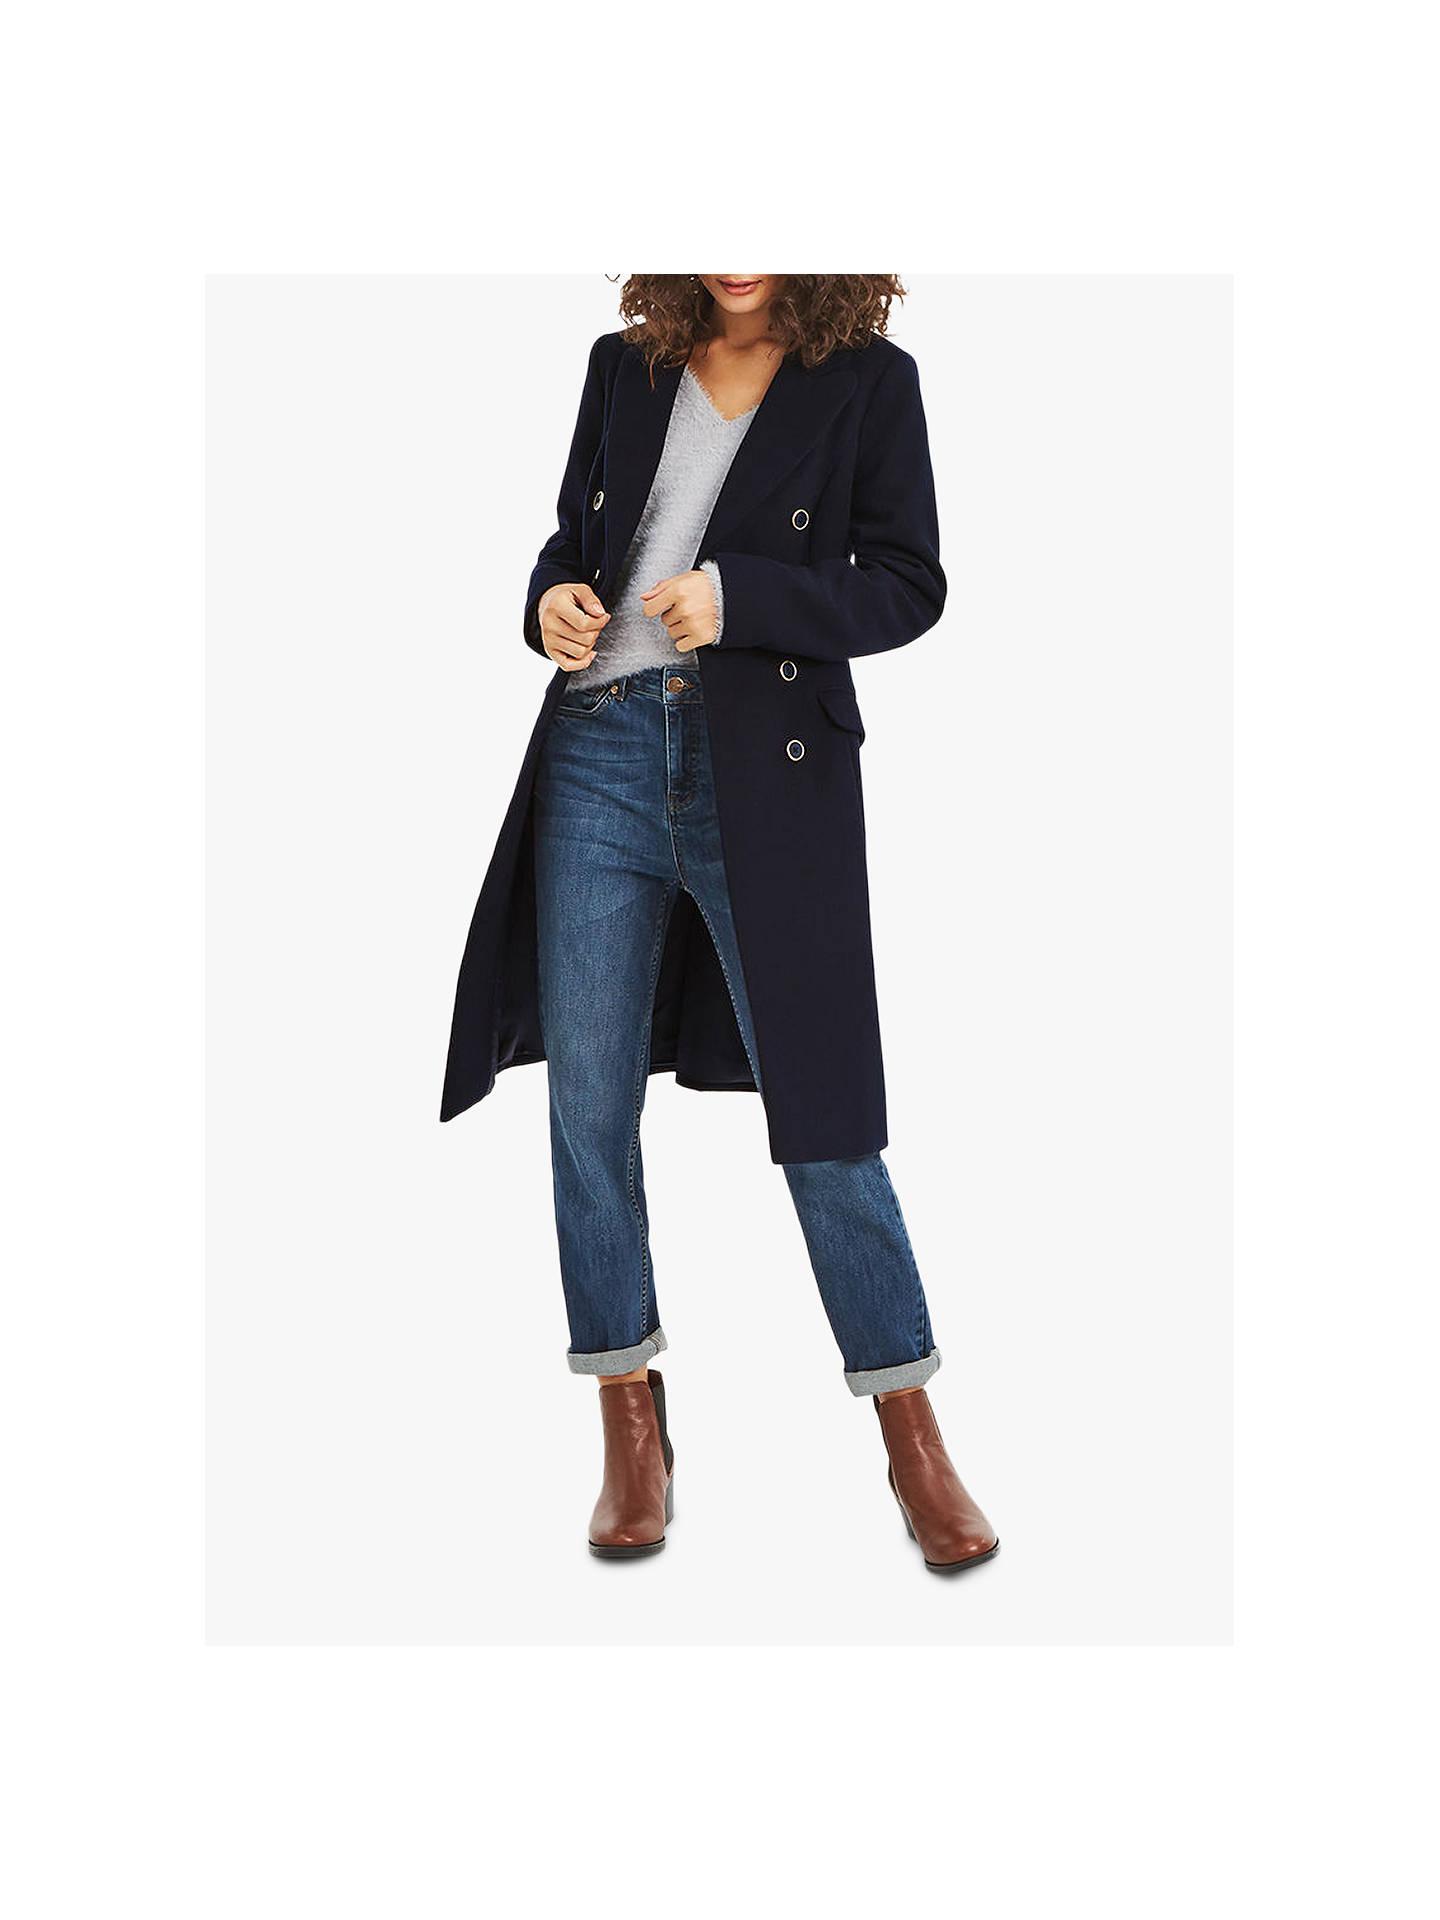 9e47ee7ce558 Buy Oasis Elm Coat, Navy, S Online at johnlewis.com ...